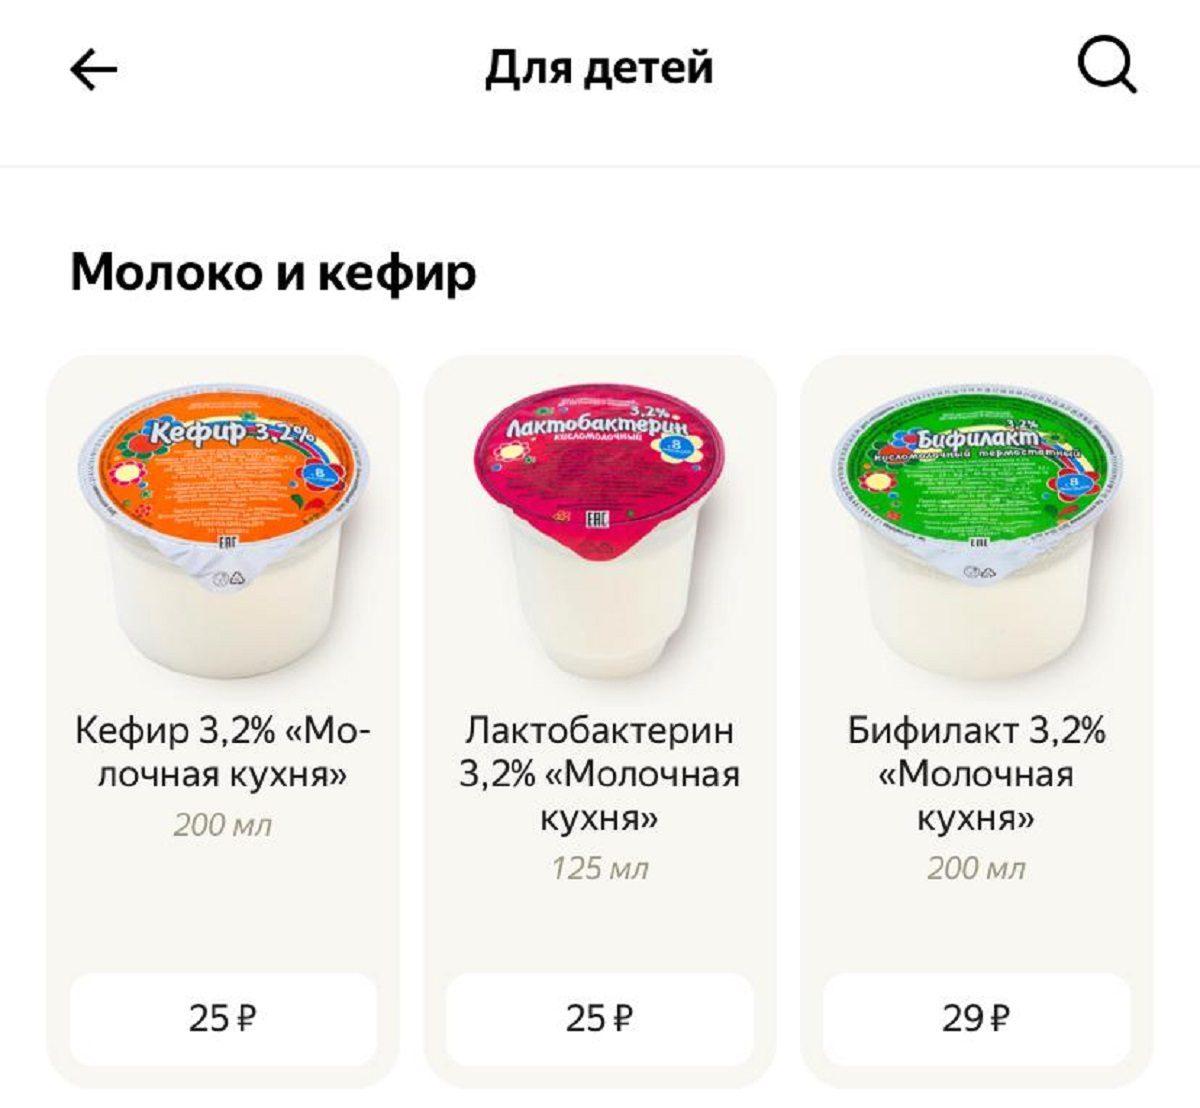 Детскую молочную кухню теперь можно заказать с доставкой на дом в Нижнем Новгороде